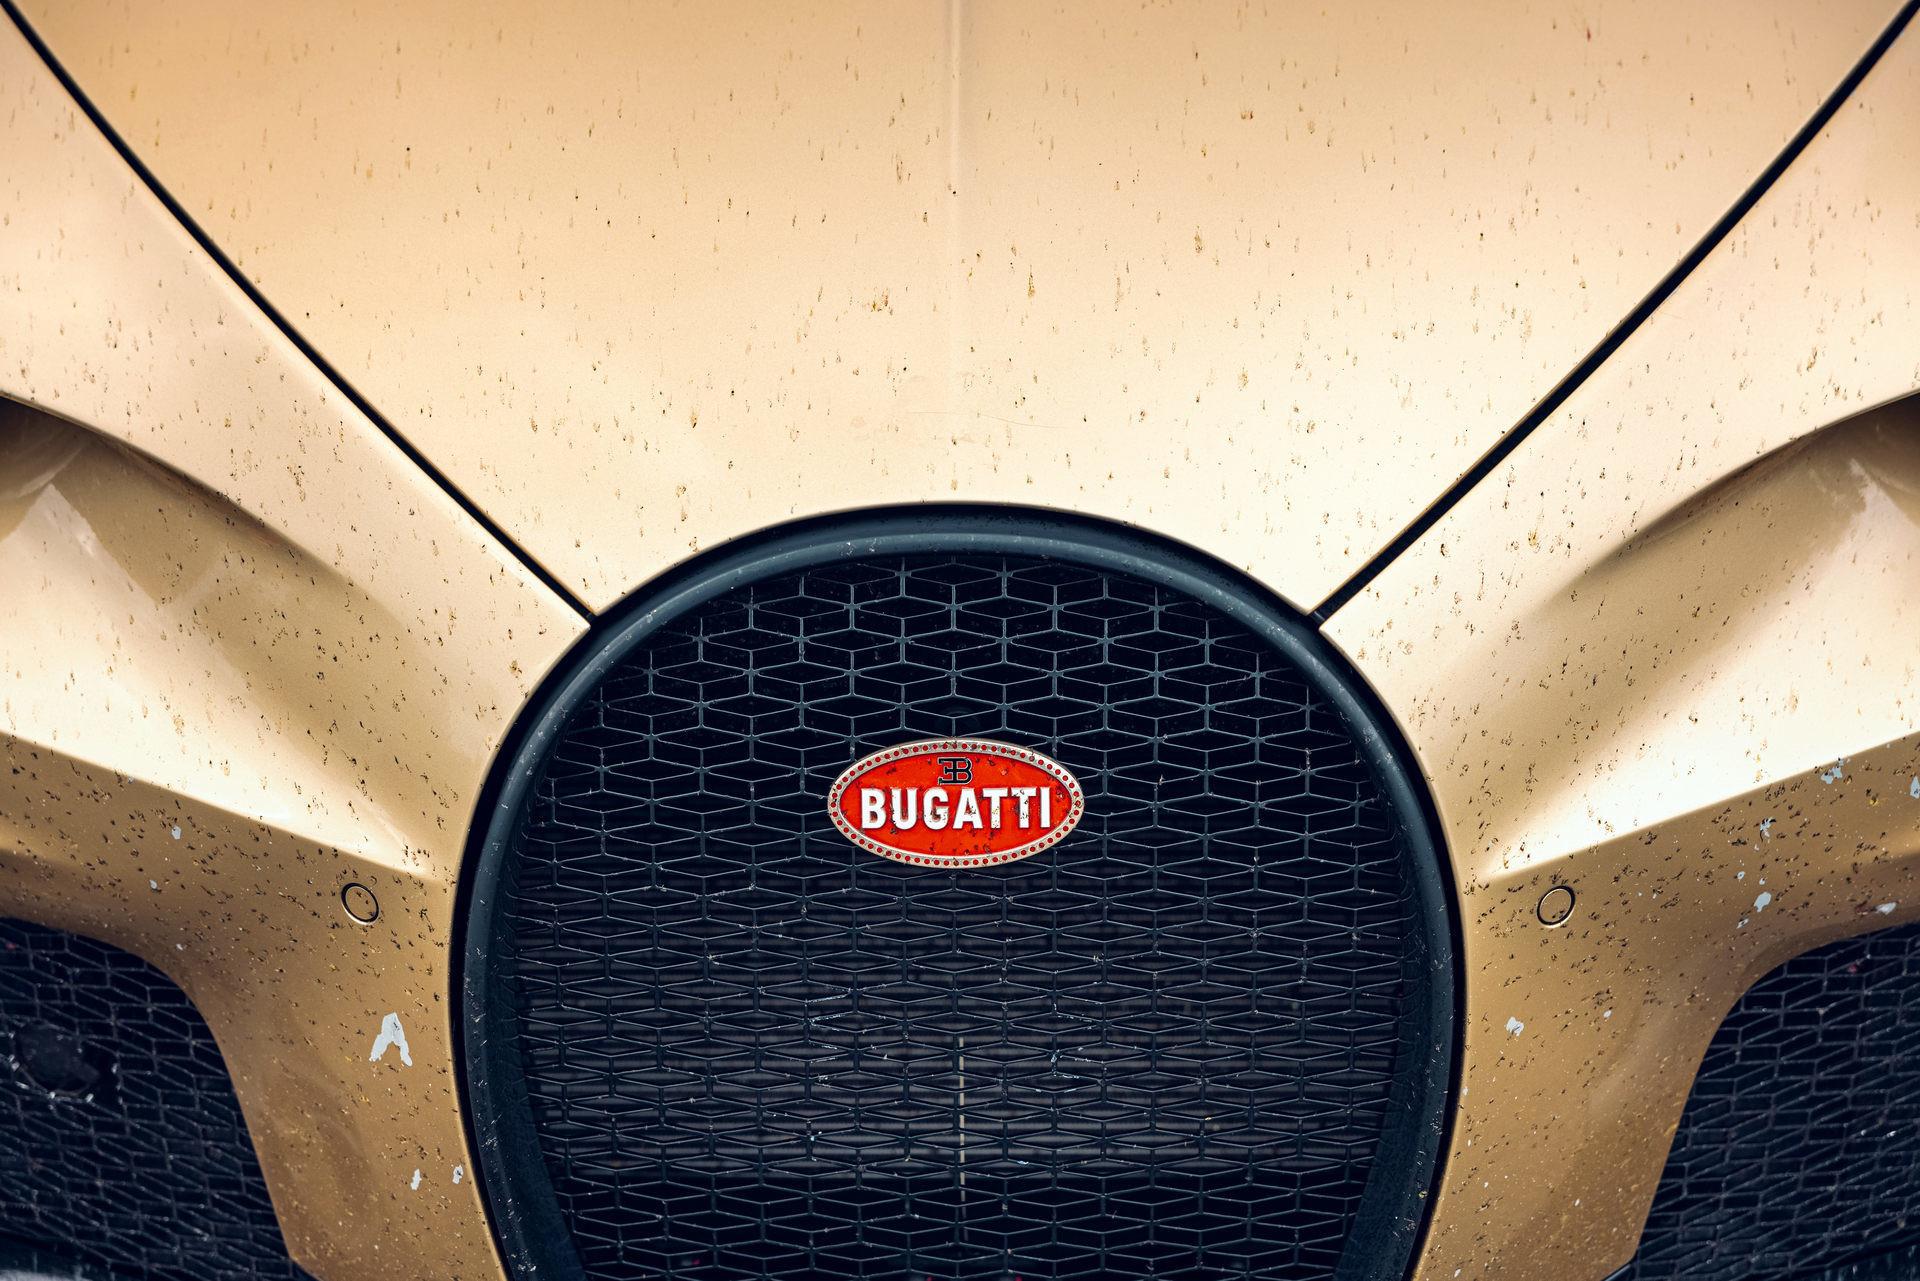 Hé lộ hình ảnh siêu xe Bugatti đang chạy thử với tốc độ 440 km/h-5